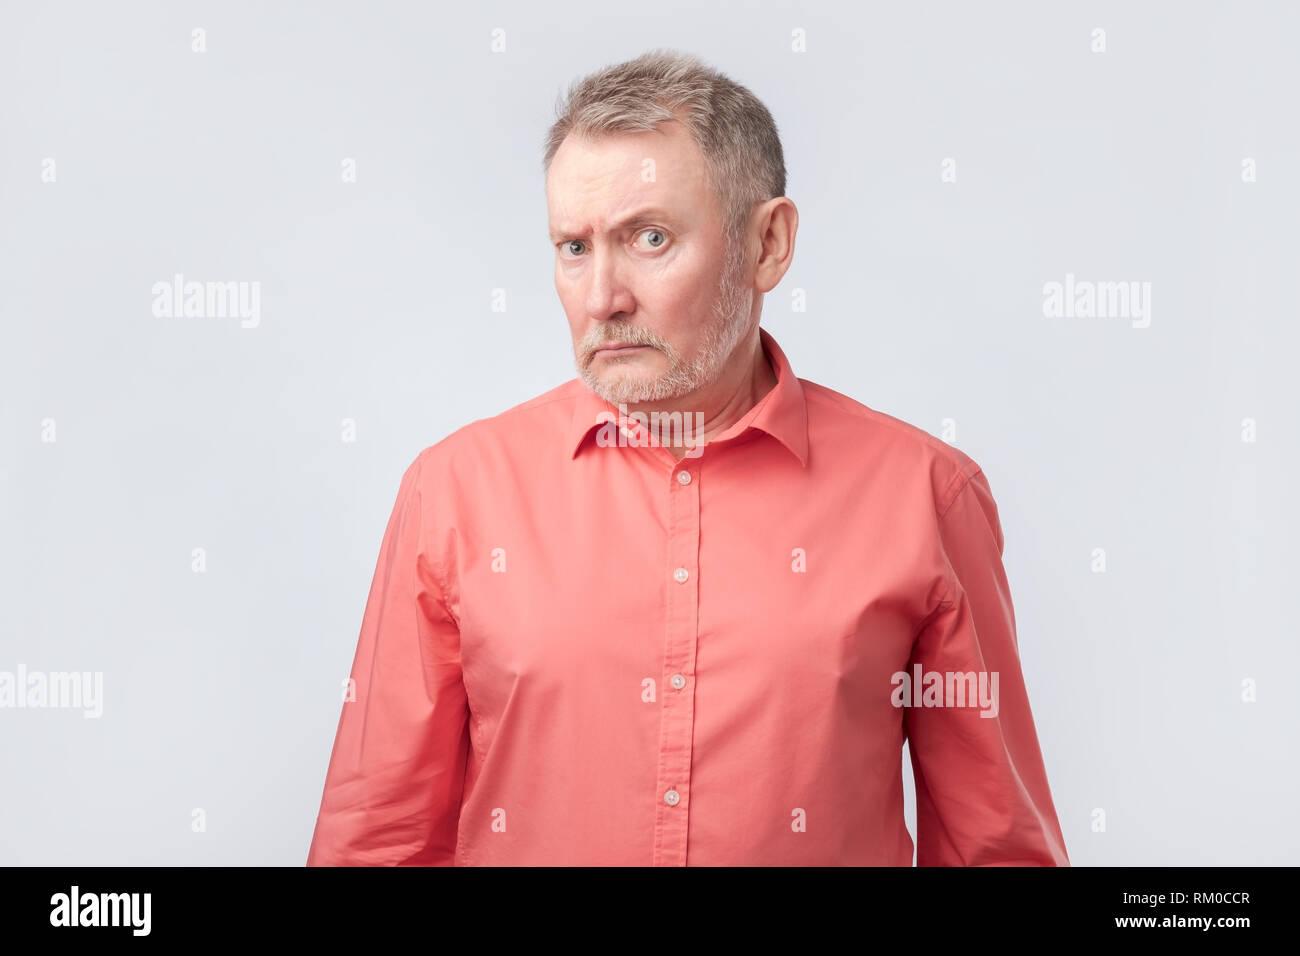 Älterer Mann im roten Hemd mit gerunzelter Stirn und schielen, Ungläubigkeit und Zweifel Stockbild